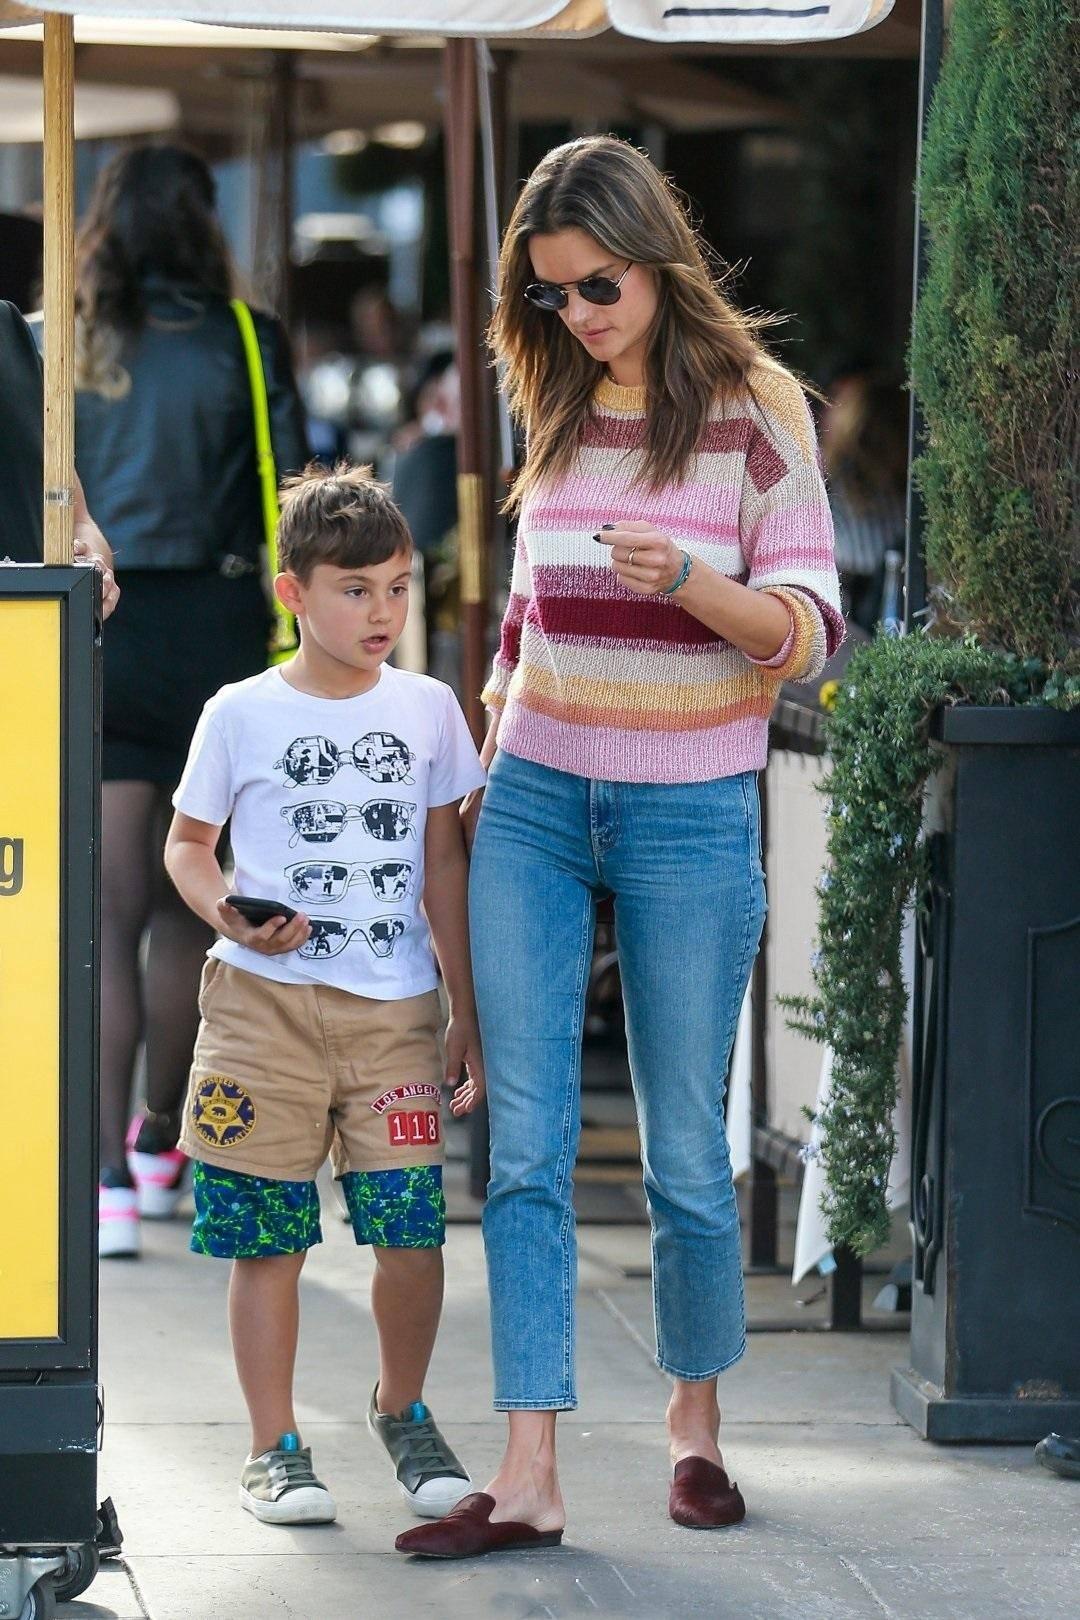 39岁AA与男友出街,一旁女儿扎染卫衣显潮范,小小年纪就是超模脸